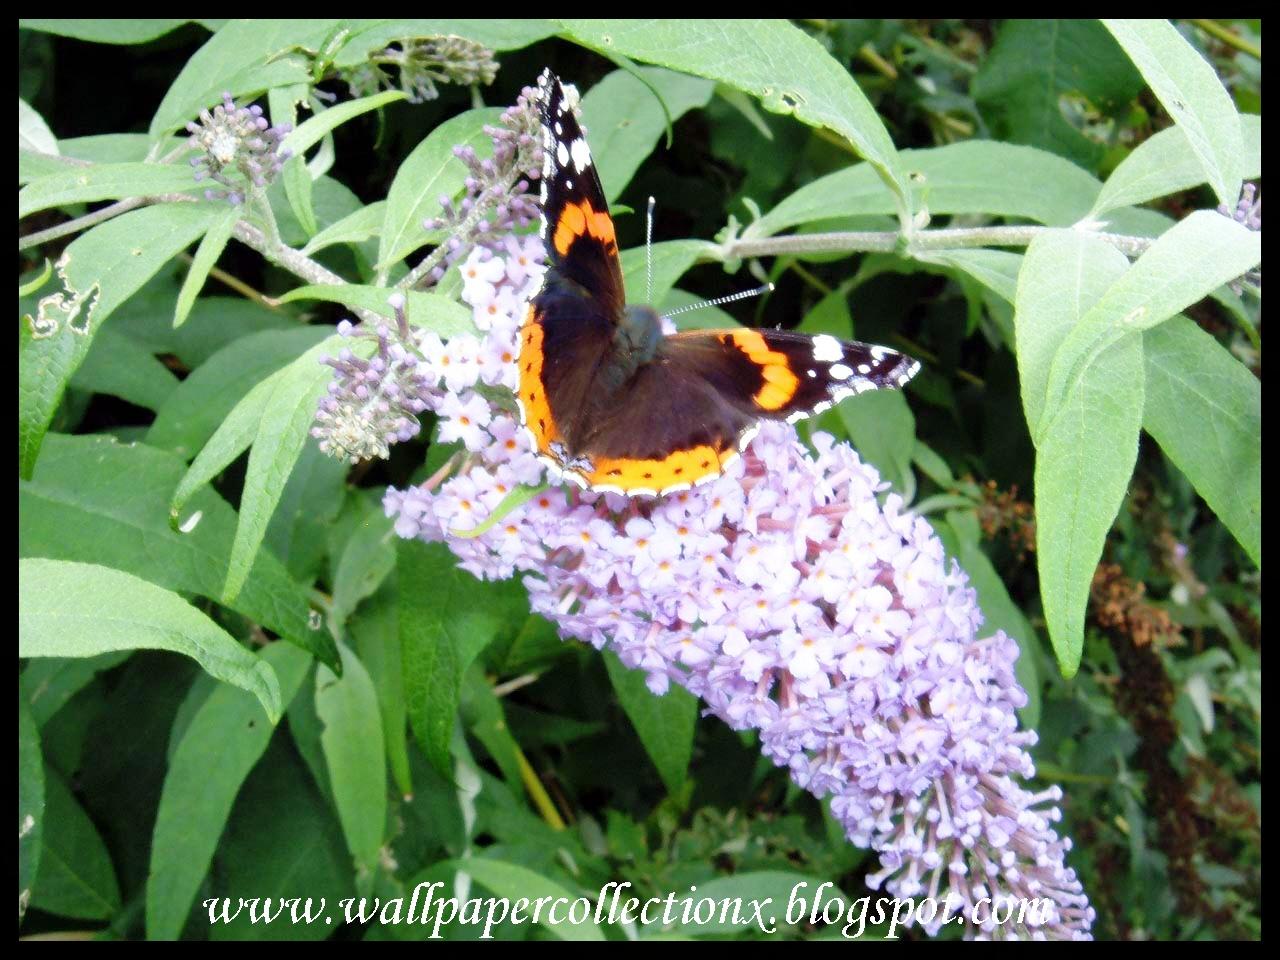 http://4.bp.blogspot.com/-C9HC_Kczo2Y/TeyEAveEuhI/AAAAAAAAAkE/v-A44x8m8R4/s1600/Butterflies%252C+Red+Admiral+I+040906.jpg